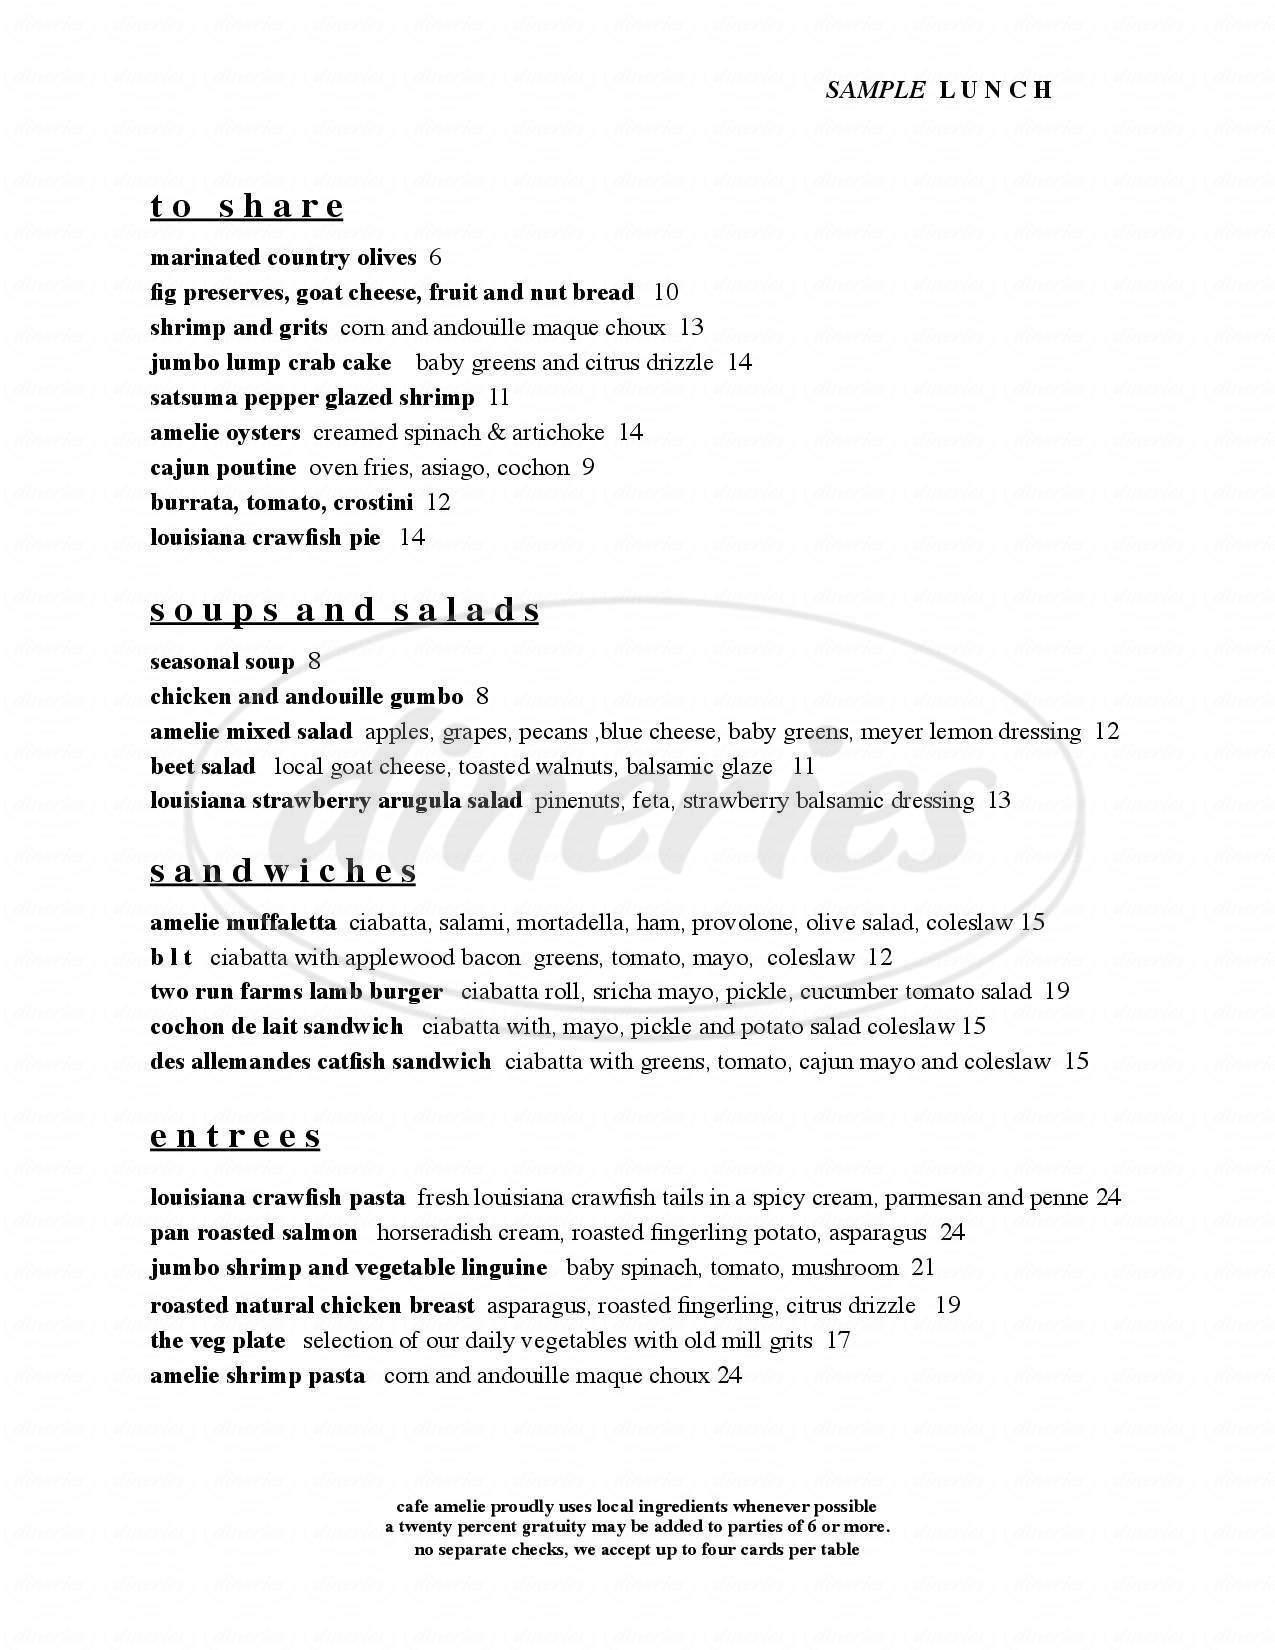 menu for Café Amelie